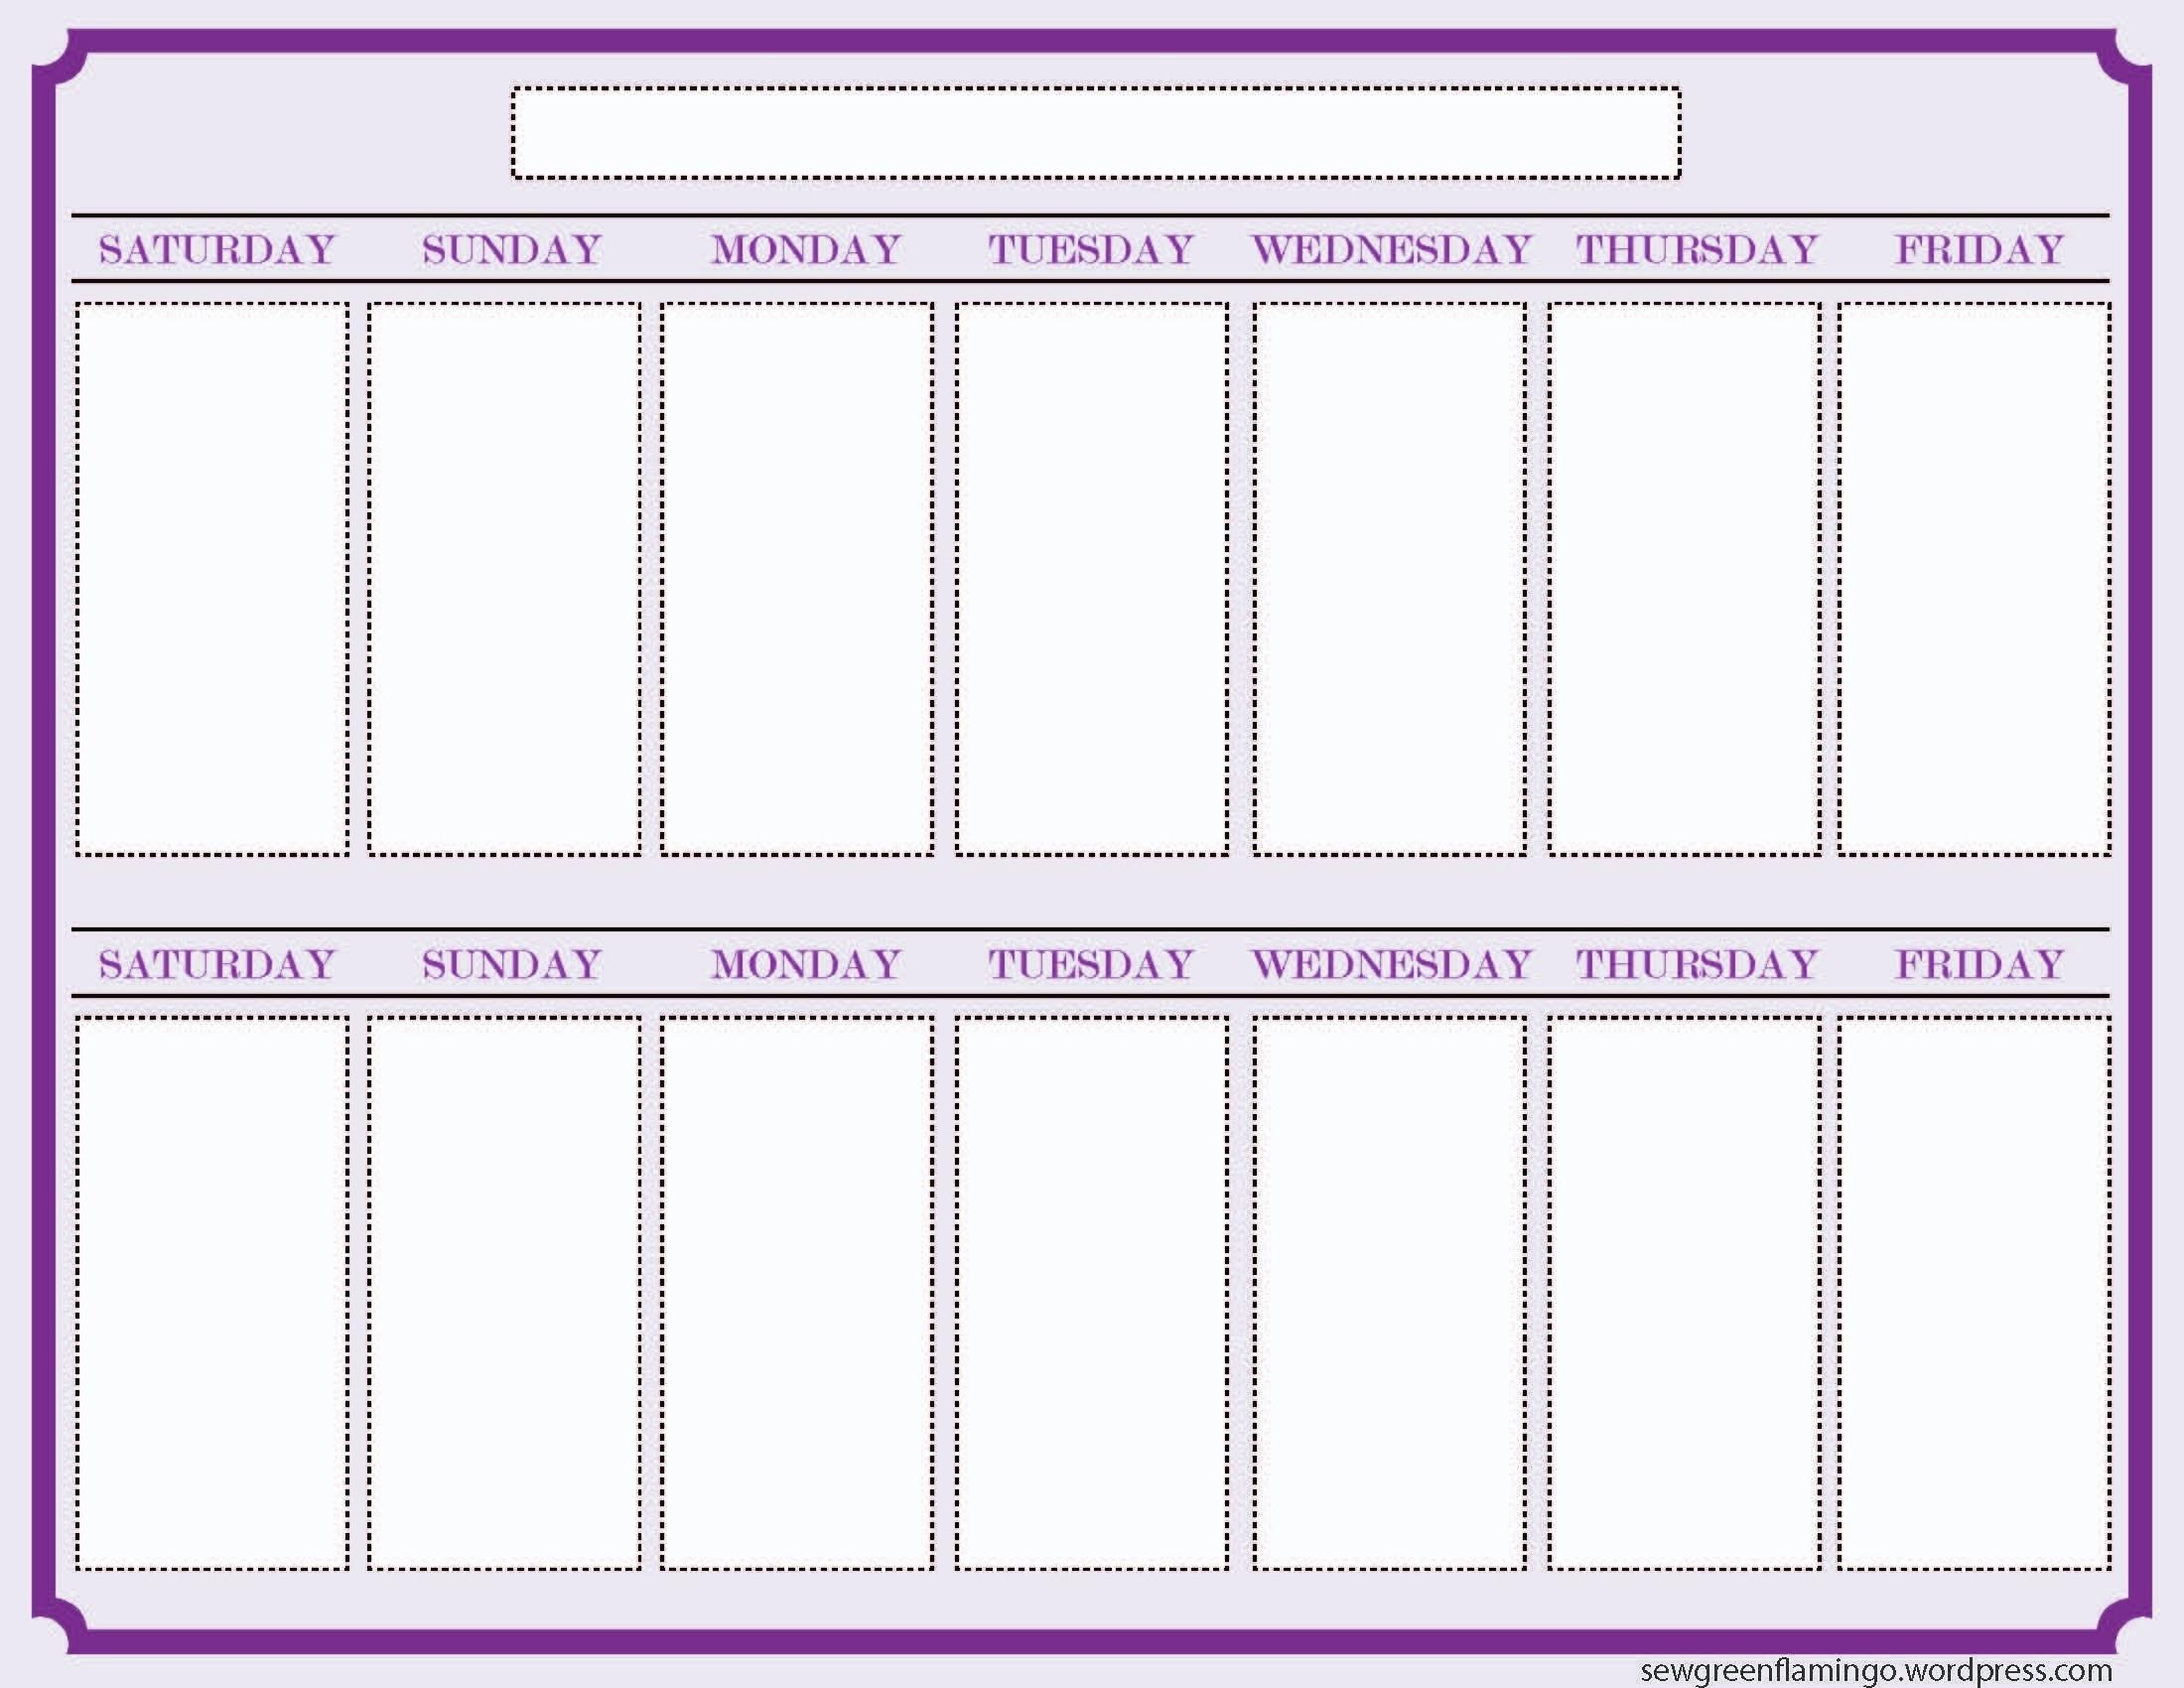 Calendar Template 2 Week Printable 2 Week Calendar Template 327607 pertaining to Printable 2 Week Calendar Template